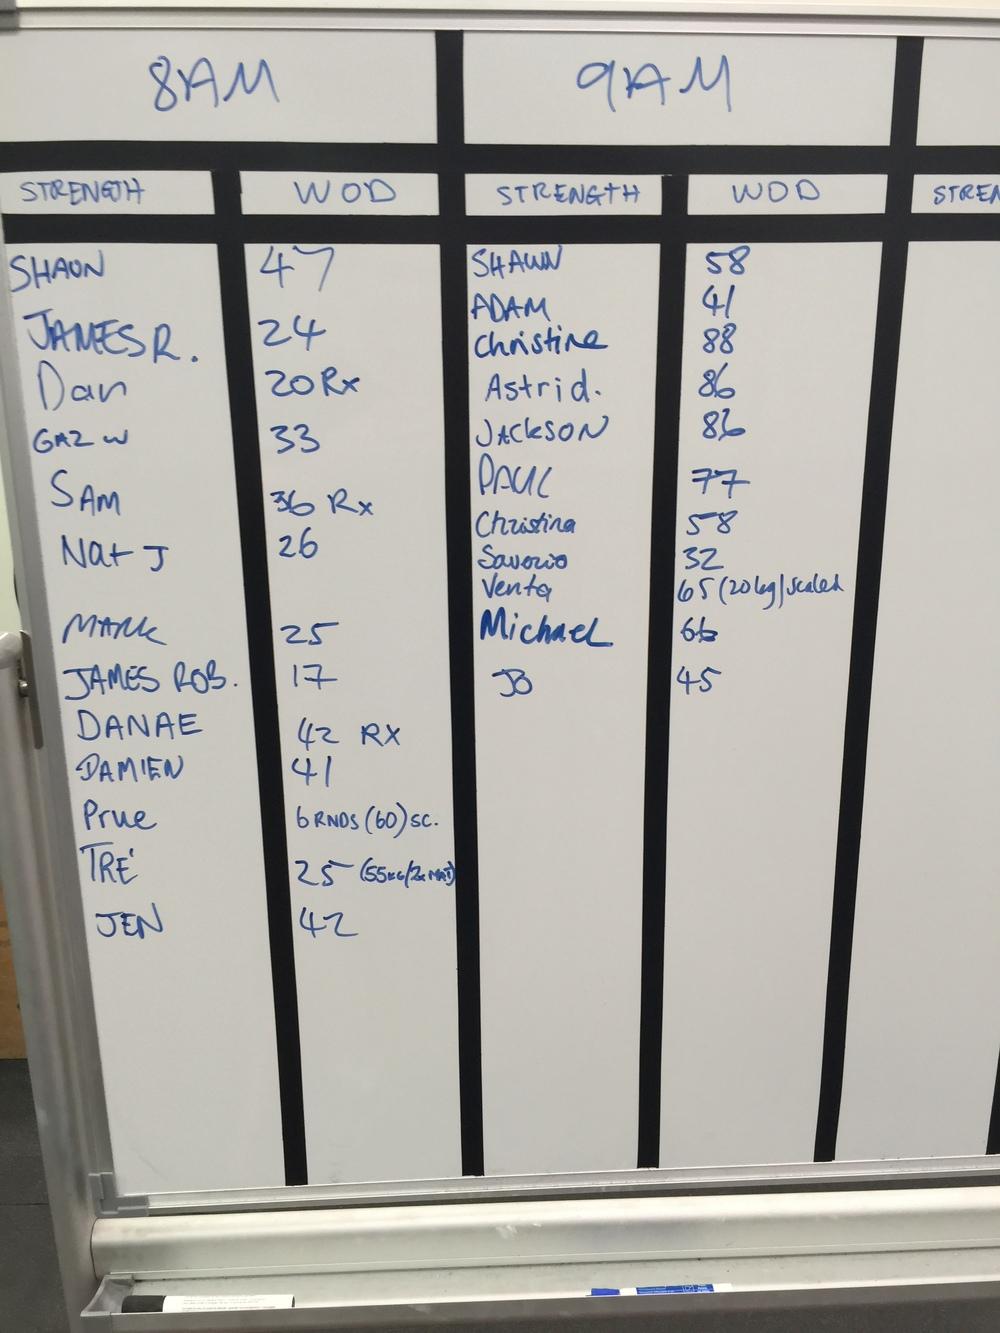 Results 210315.JPG